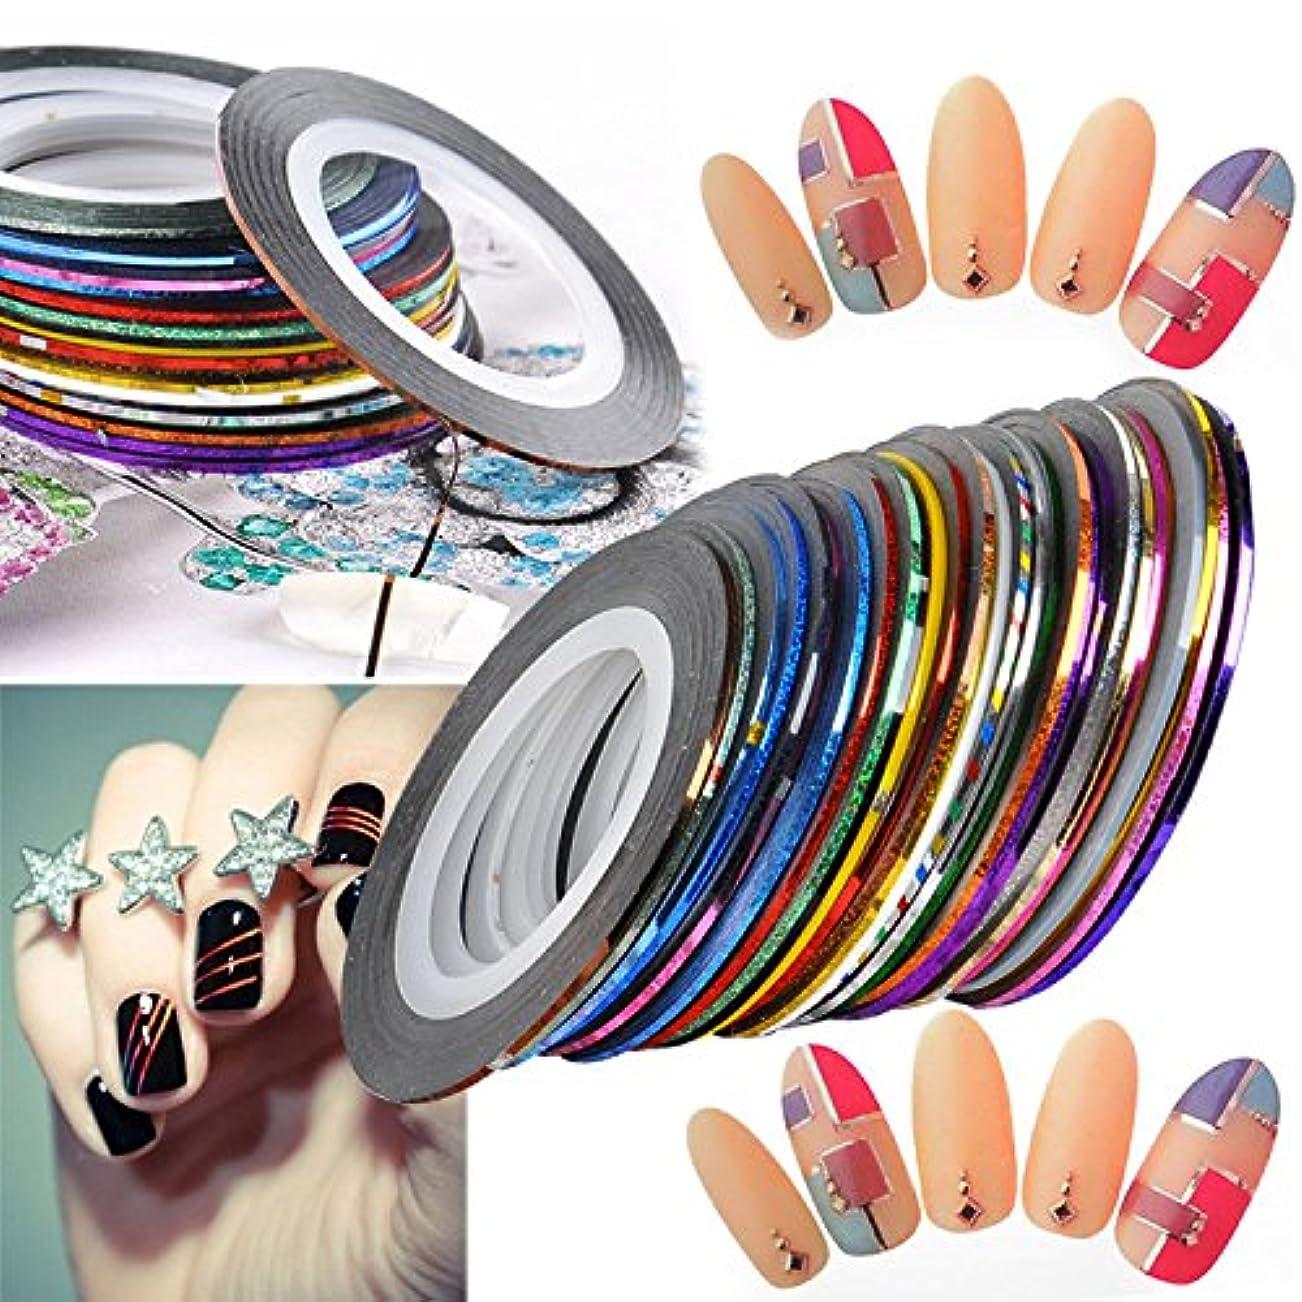 運命的な簡単な正確にネイルアート用 ラインテープ 爪 飾り用品 カラフル 綺麗 ラインアートテープ 30種セット